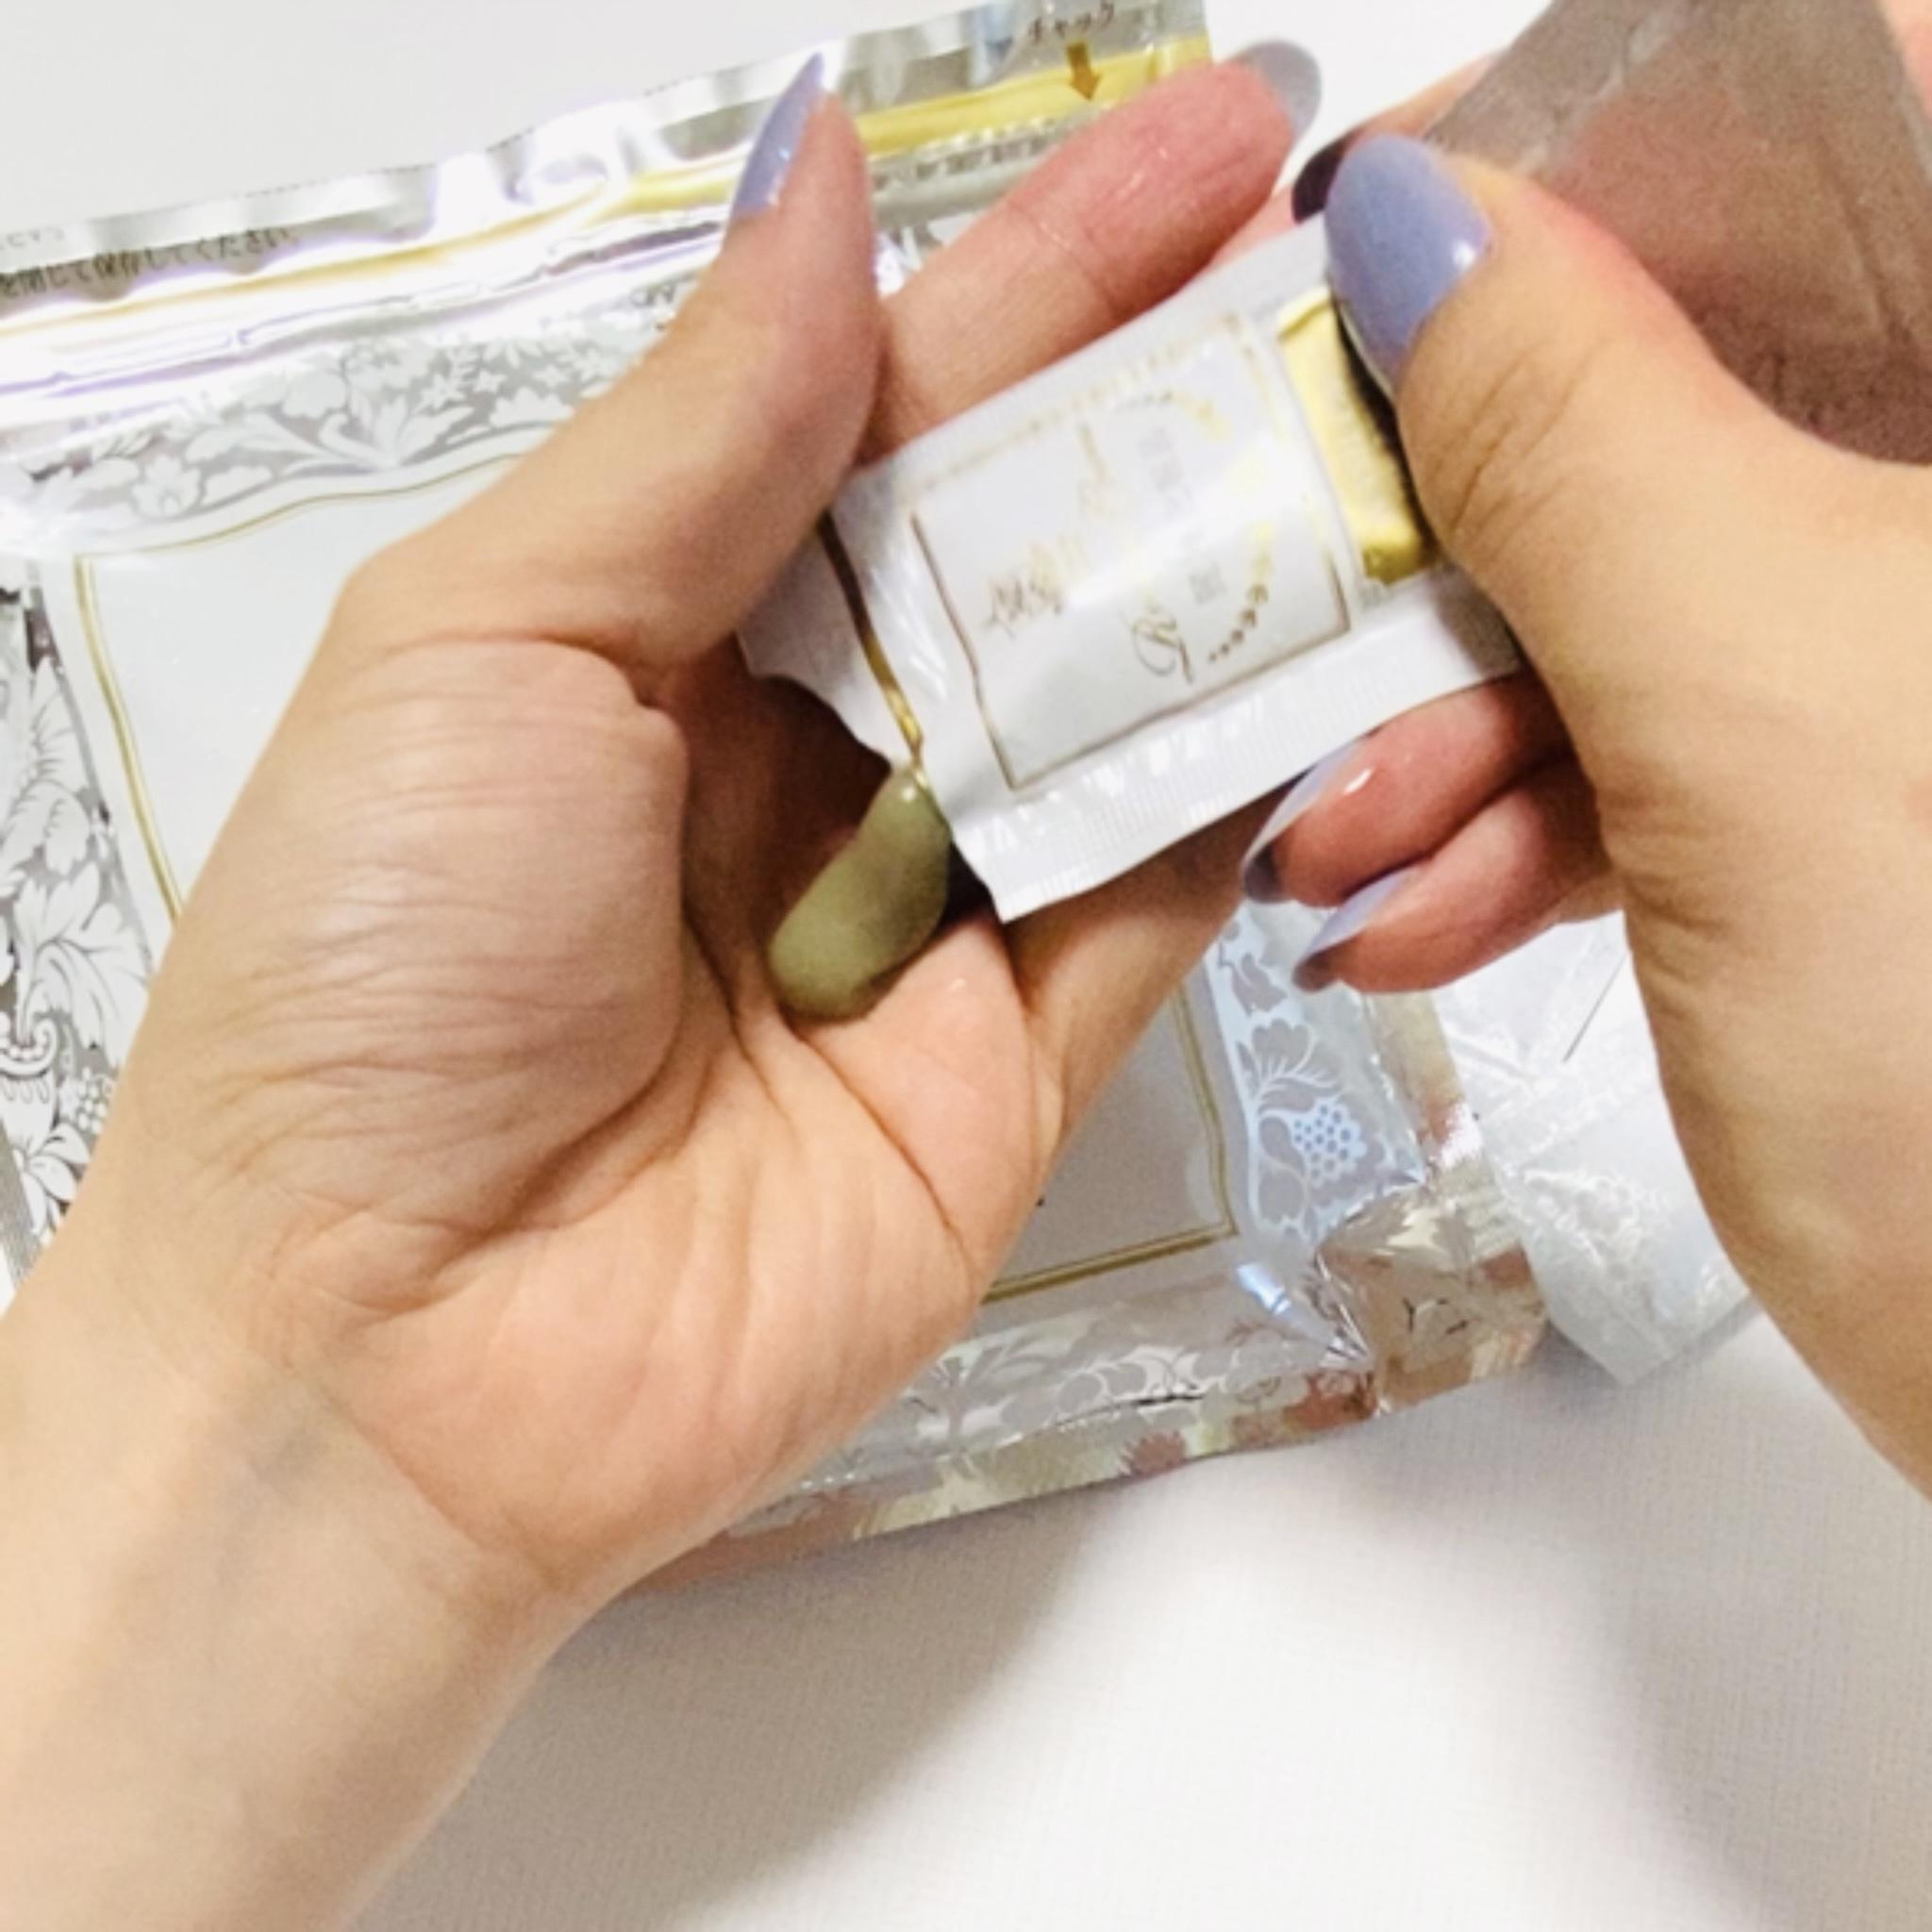 麗凍化粧品(Reitou Cosme)15秒洗顔パックを使ったminoriさんのクチコミ画像2